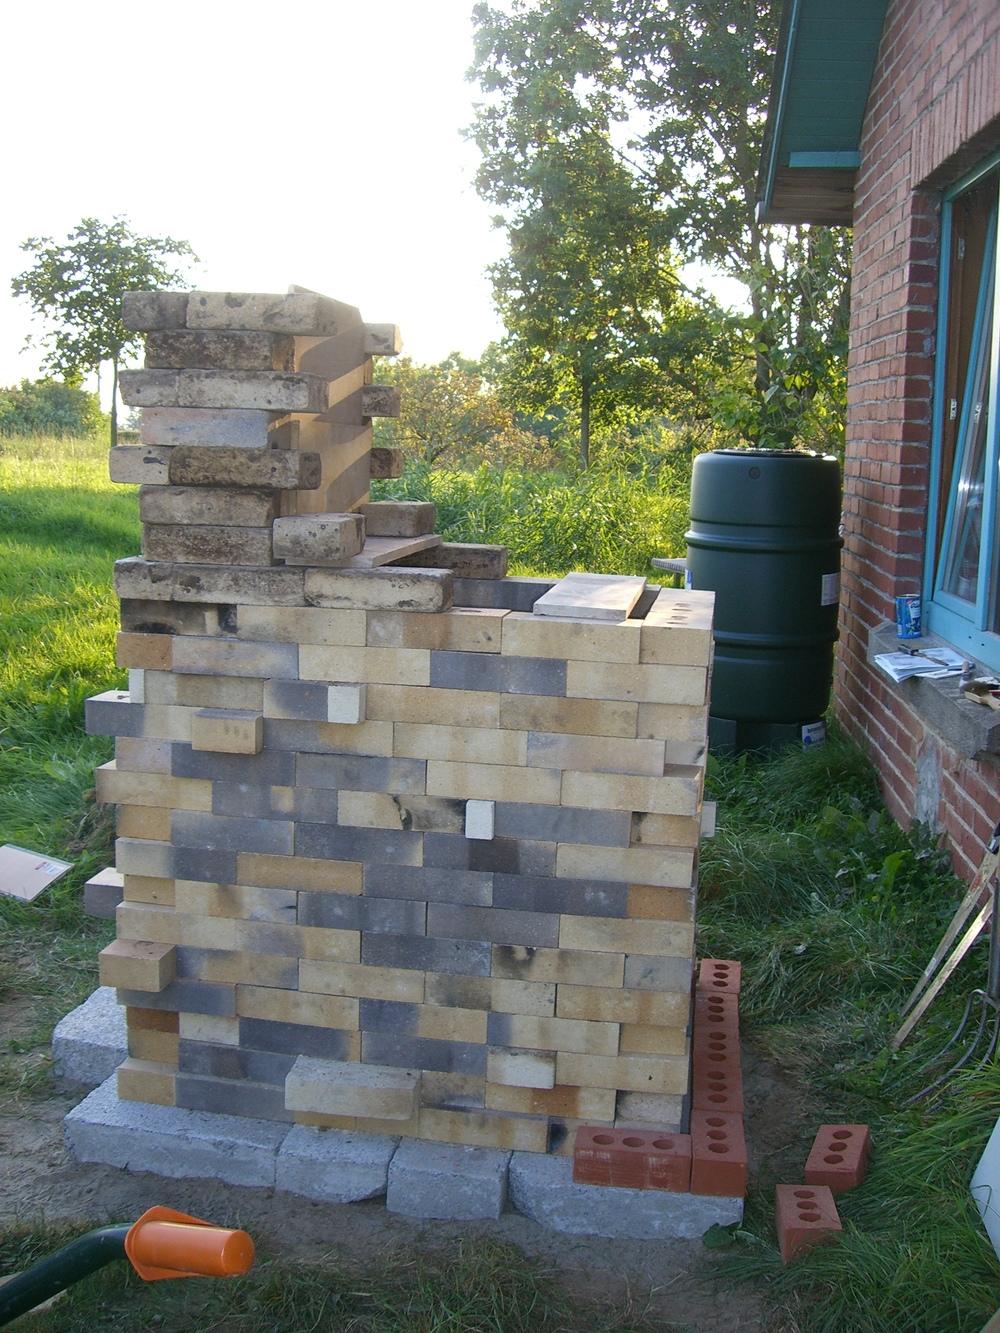 Vista de perfil sin la doble pared y sin la cubierta. Posteriormente, le subí la chimenea de unos tres o cuatro niveles de ladrillos.